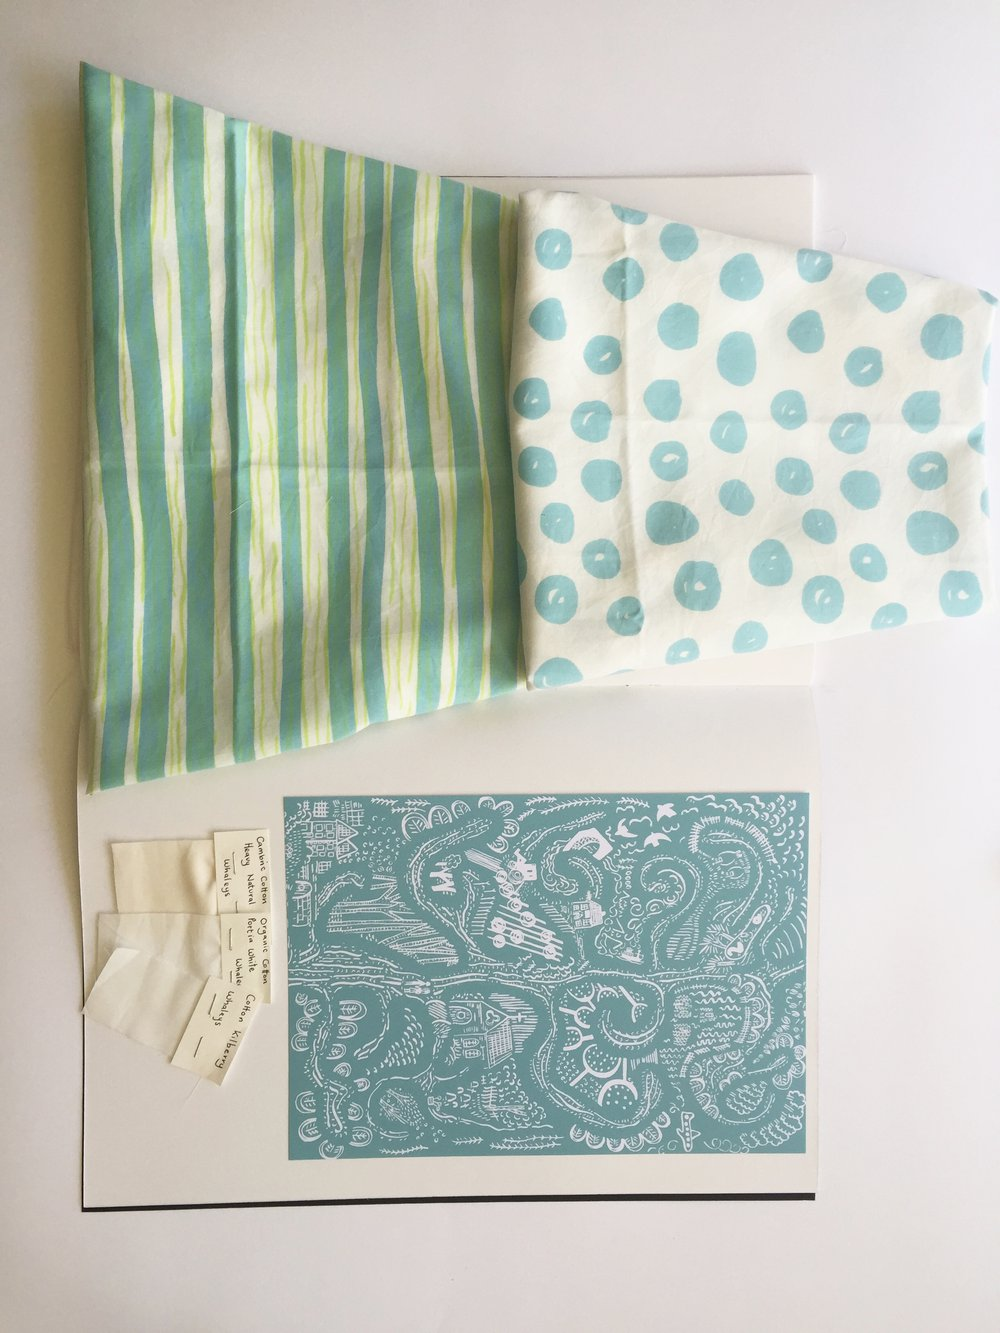 Designing children's clothing 2